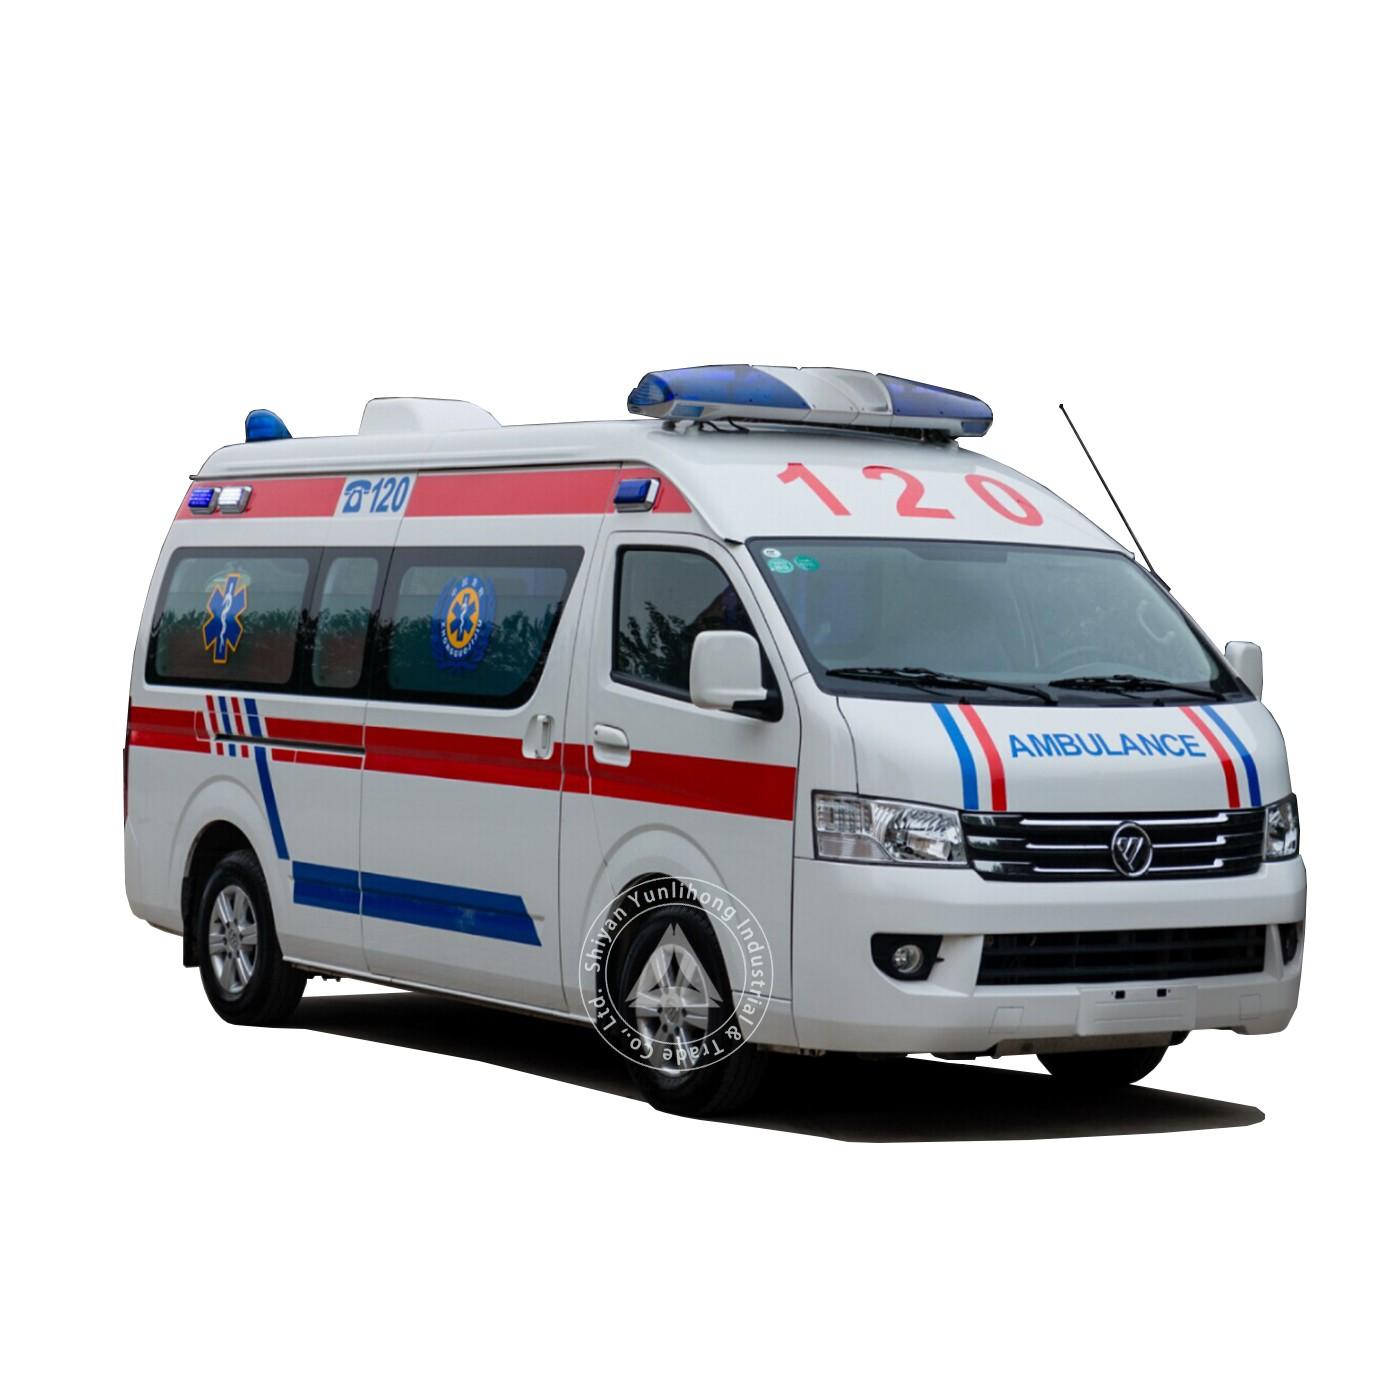 डीजल मध्य छत की देखभाल आपातकालीन एम्बुलेंस प्रकार